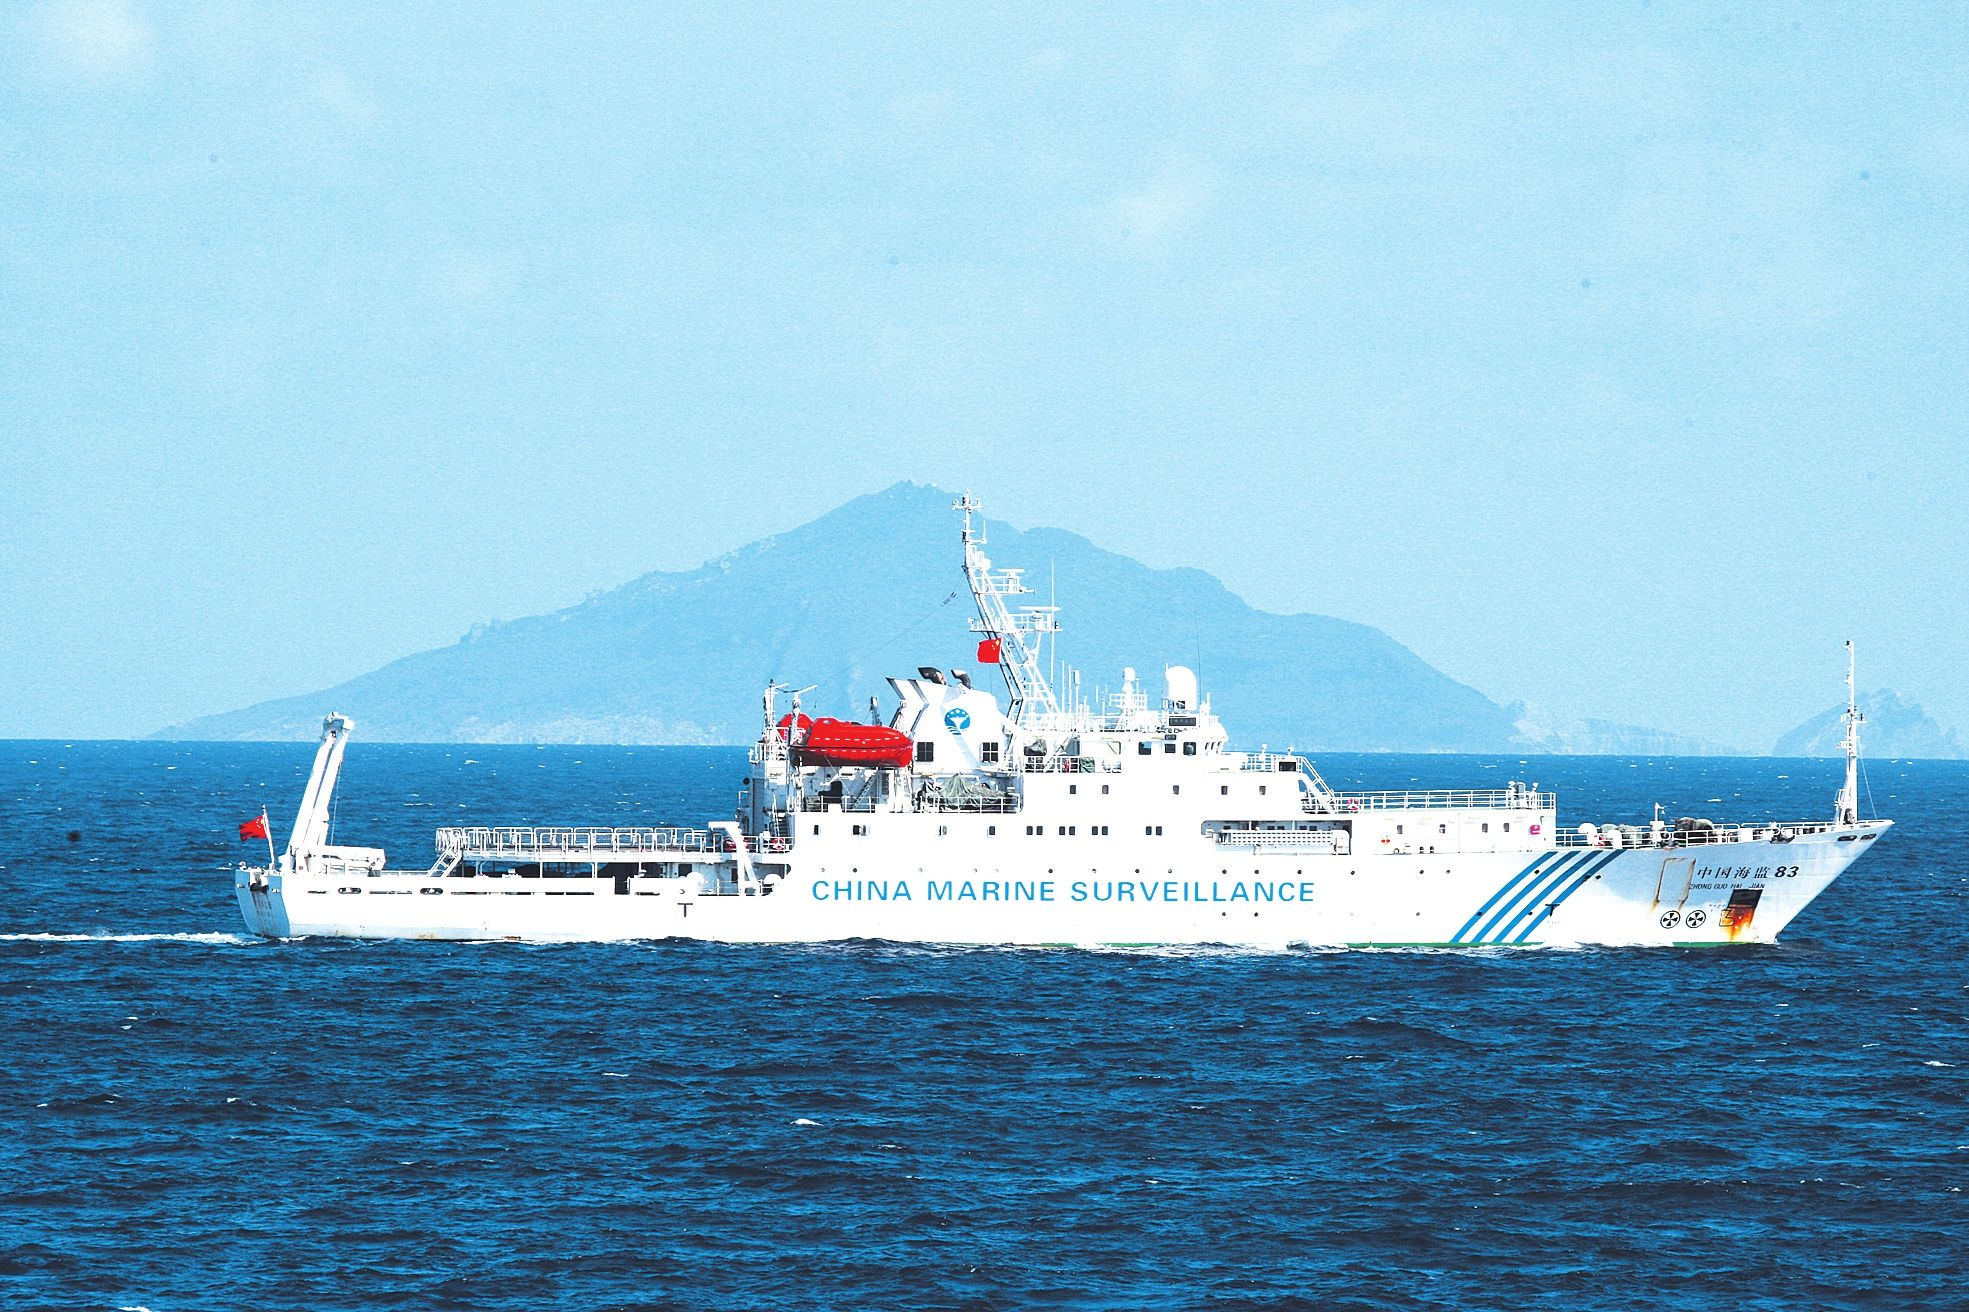 日本拟加强对钓鱼岛影像监控 应对中国海警船